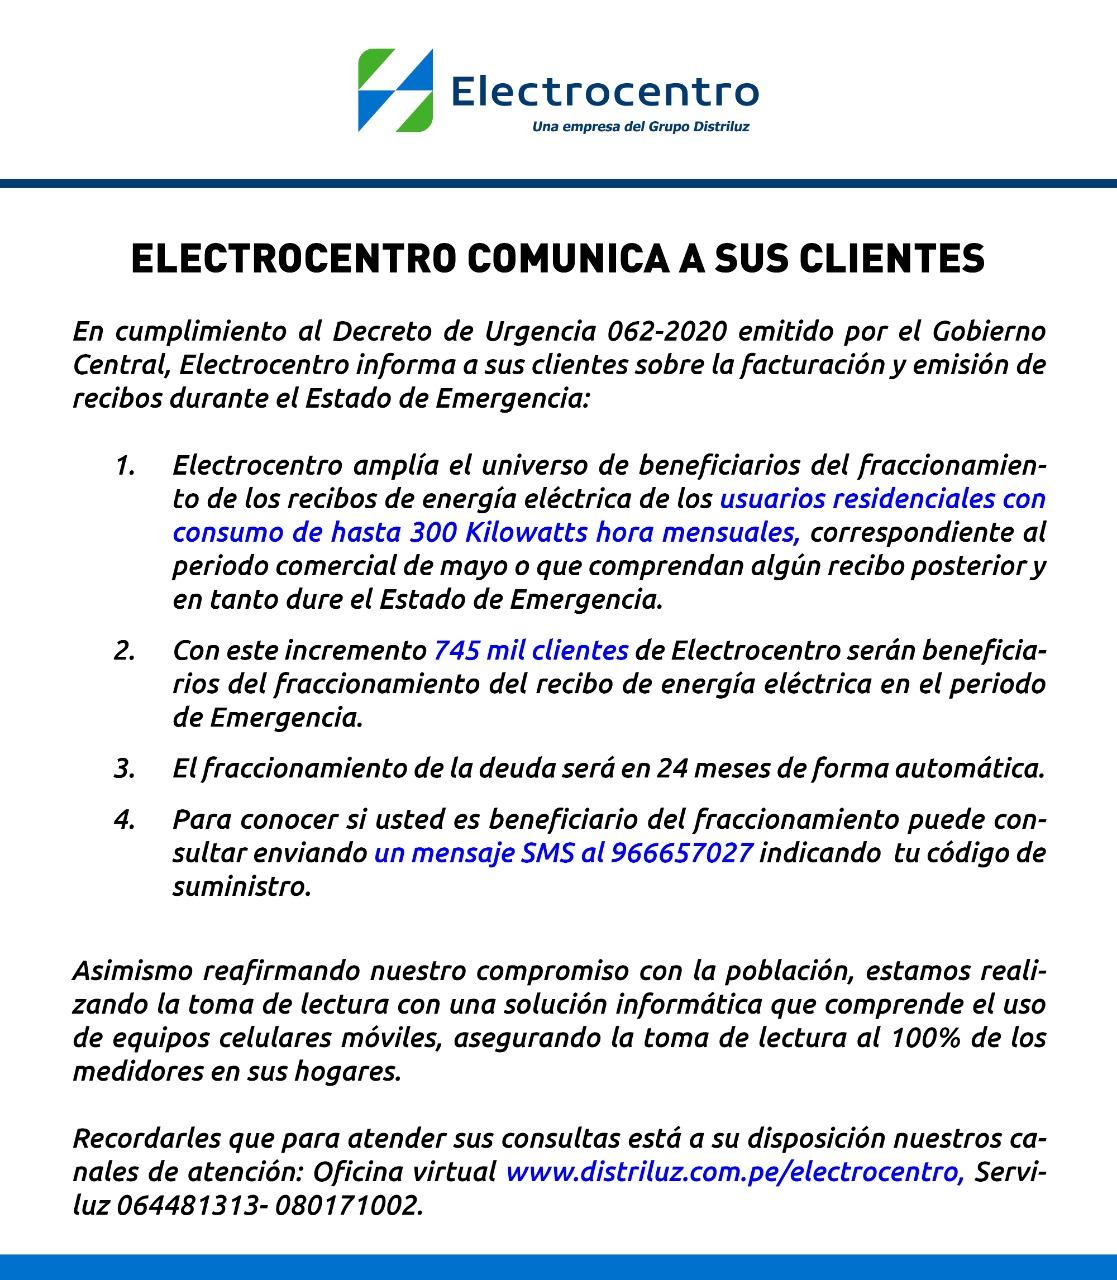 COMUNICADO ELECTROCENTRO